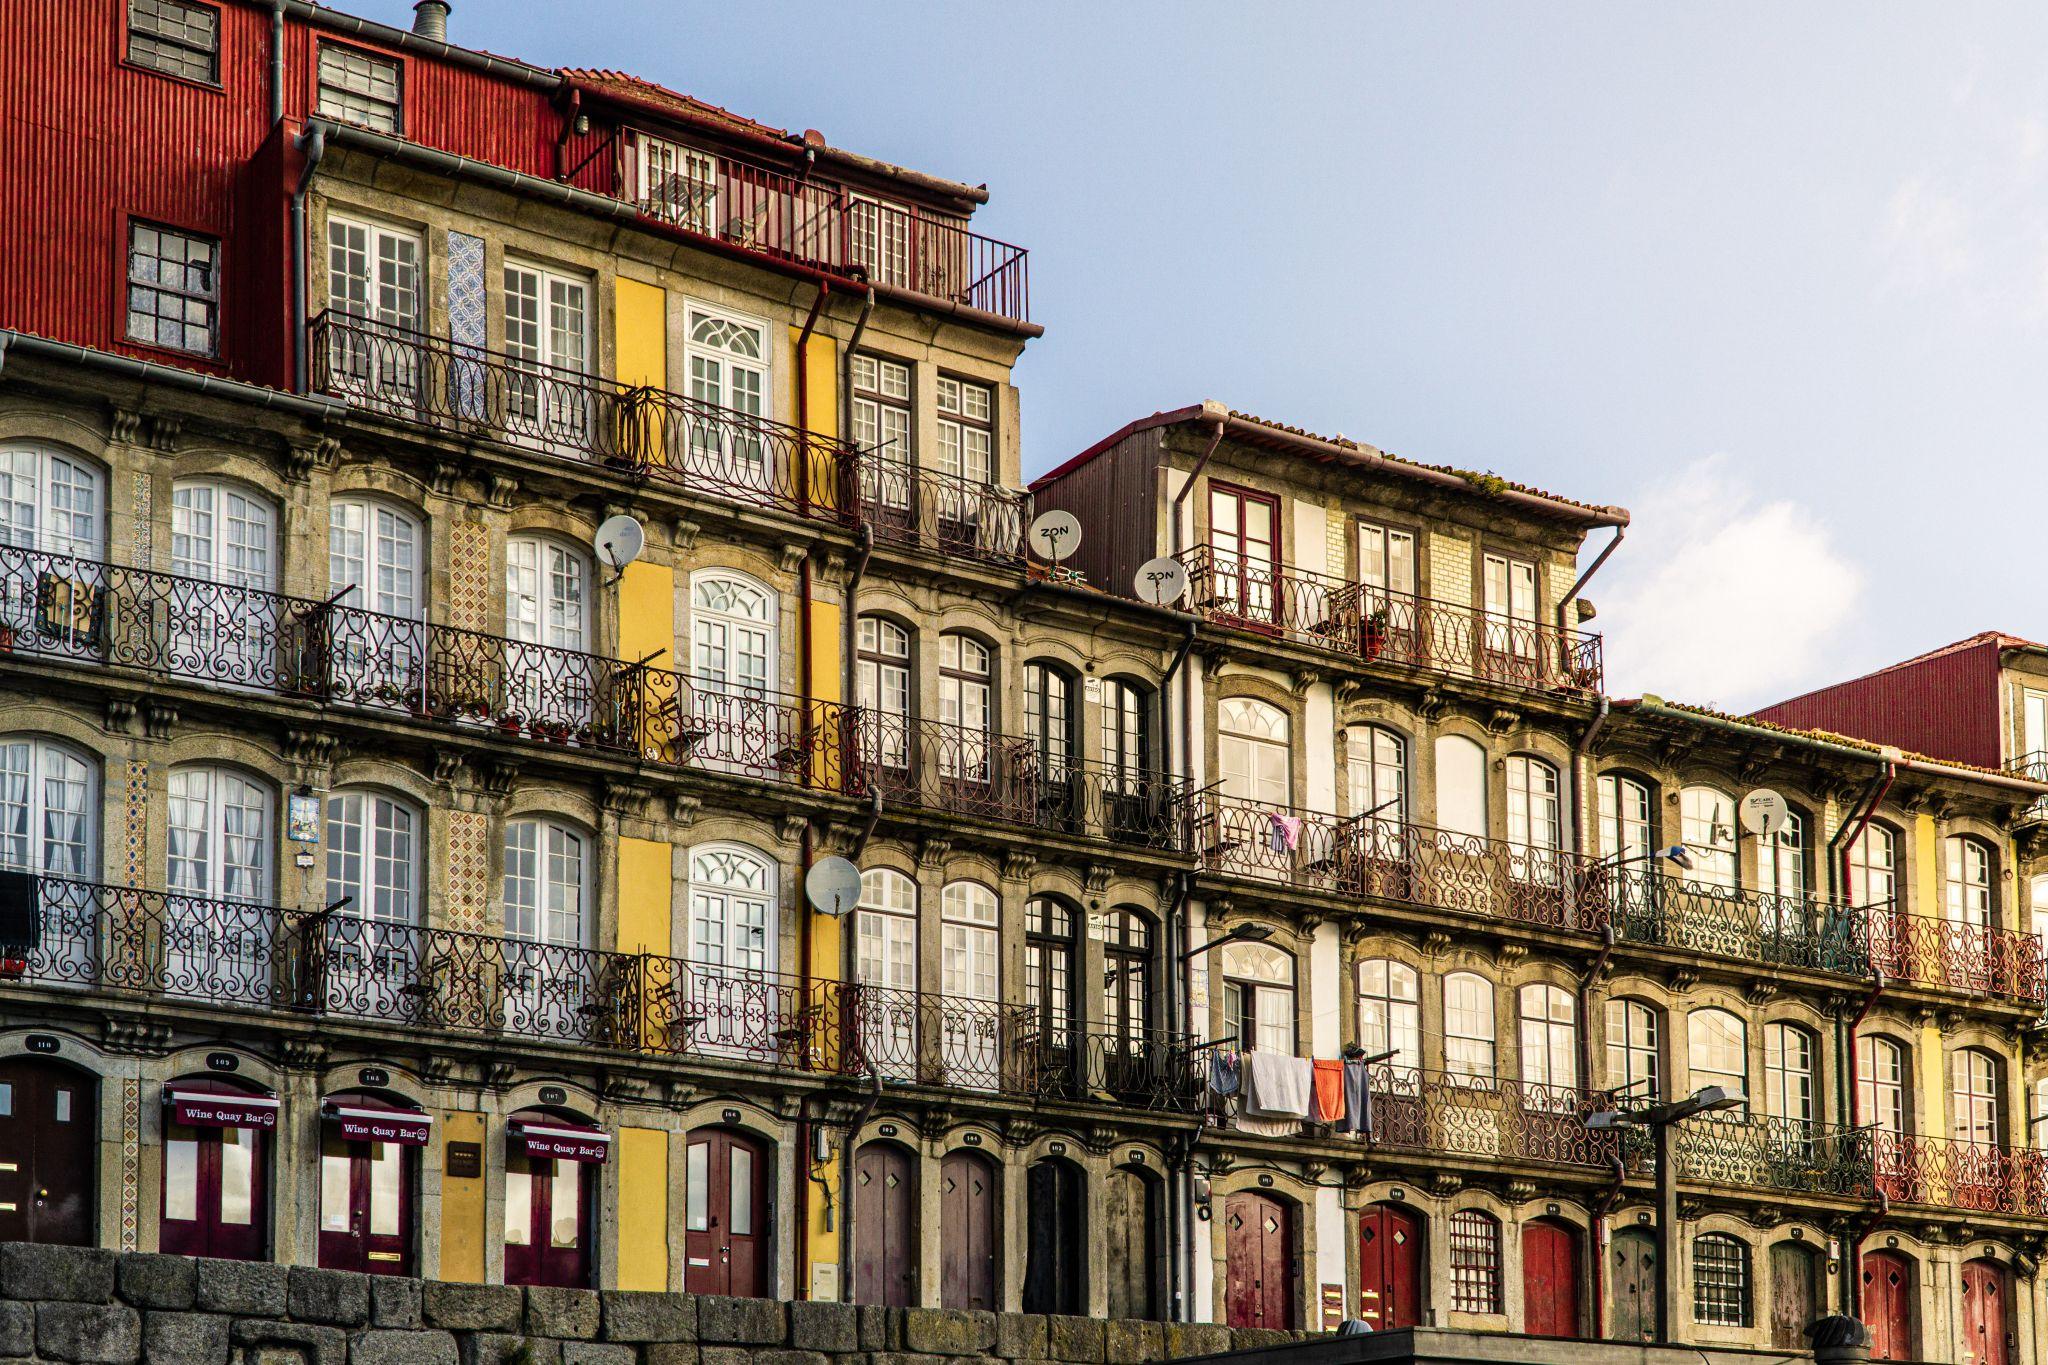 facades in Porto, Portugal